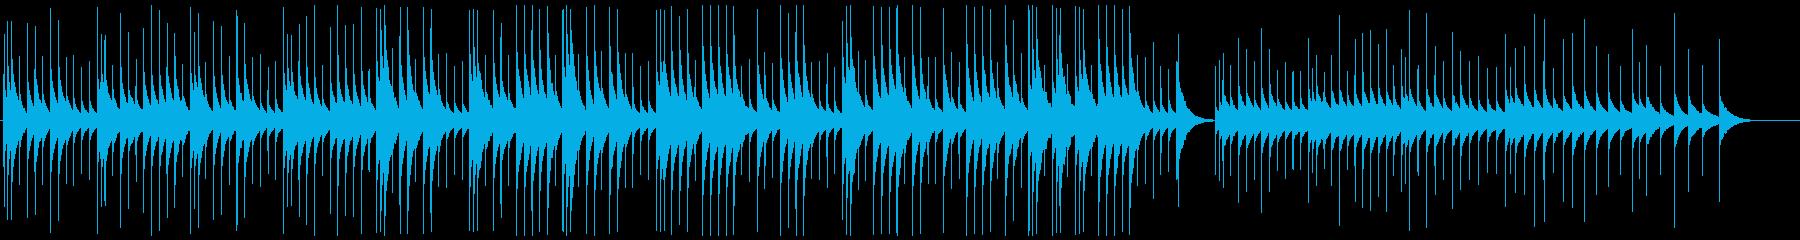 優しく安眠できるオルゴールミュージックの再生済みの波形